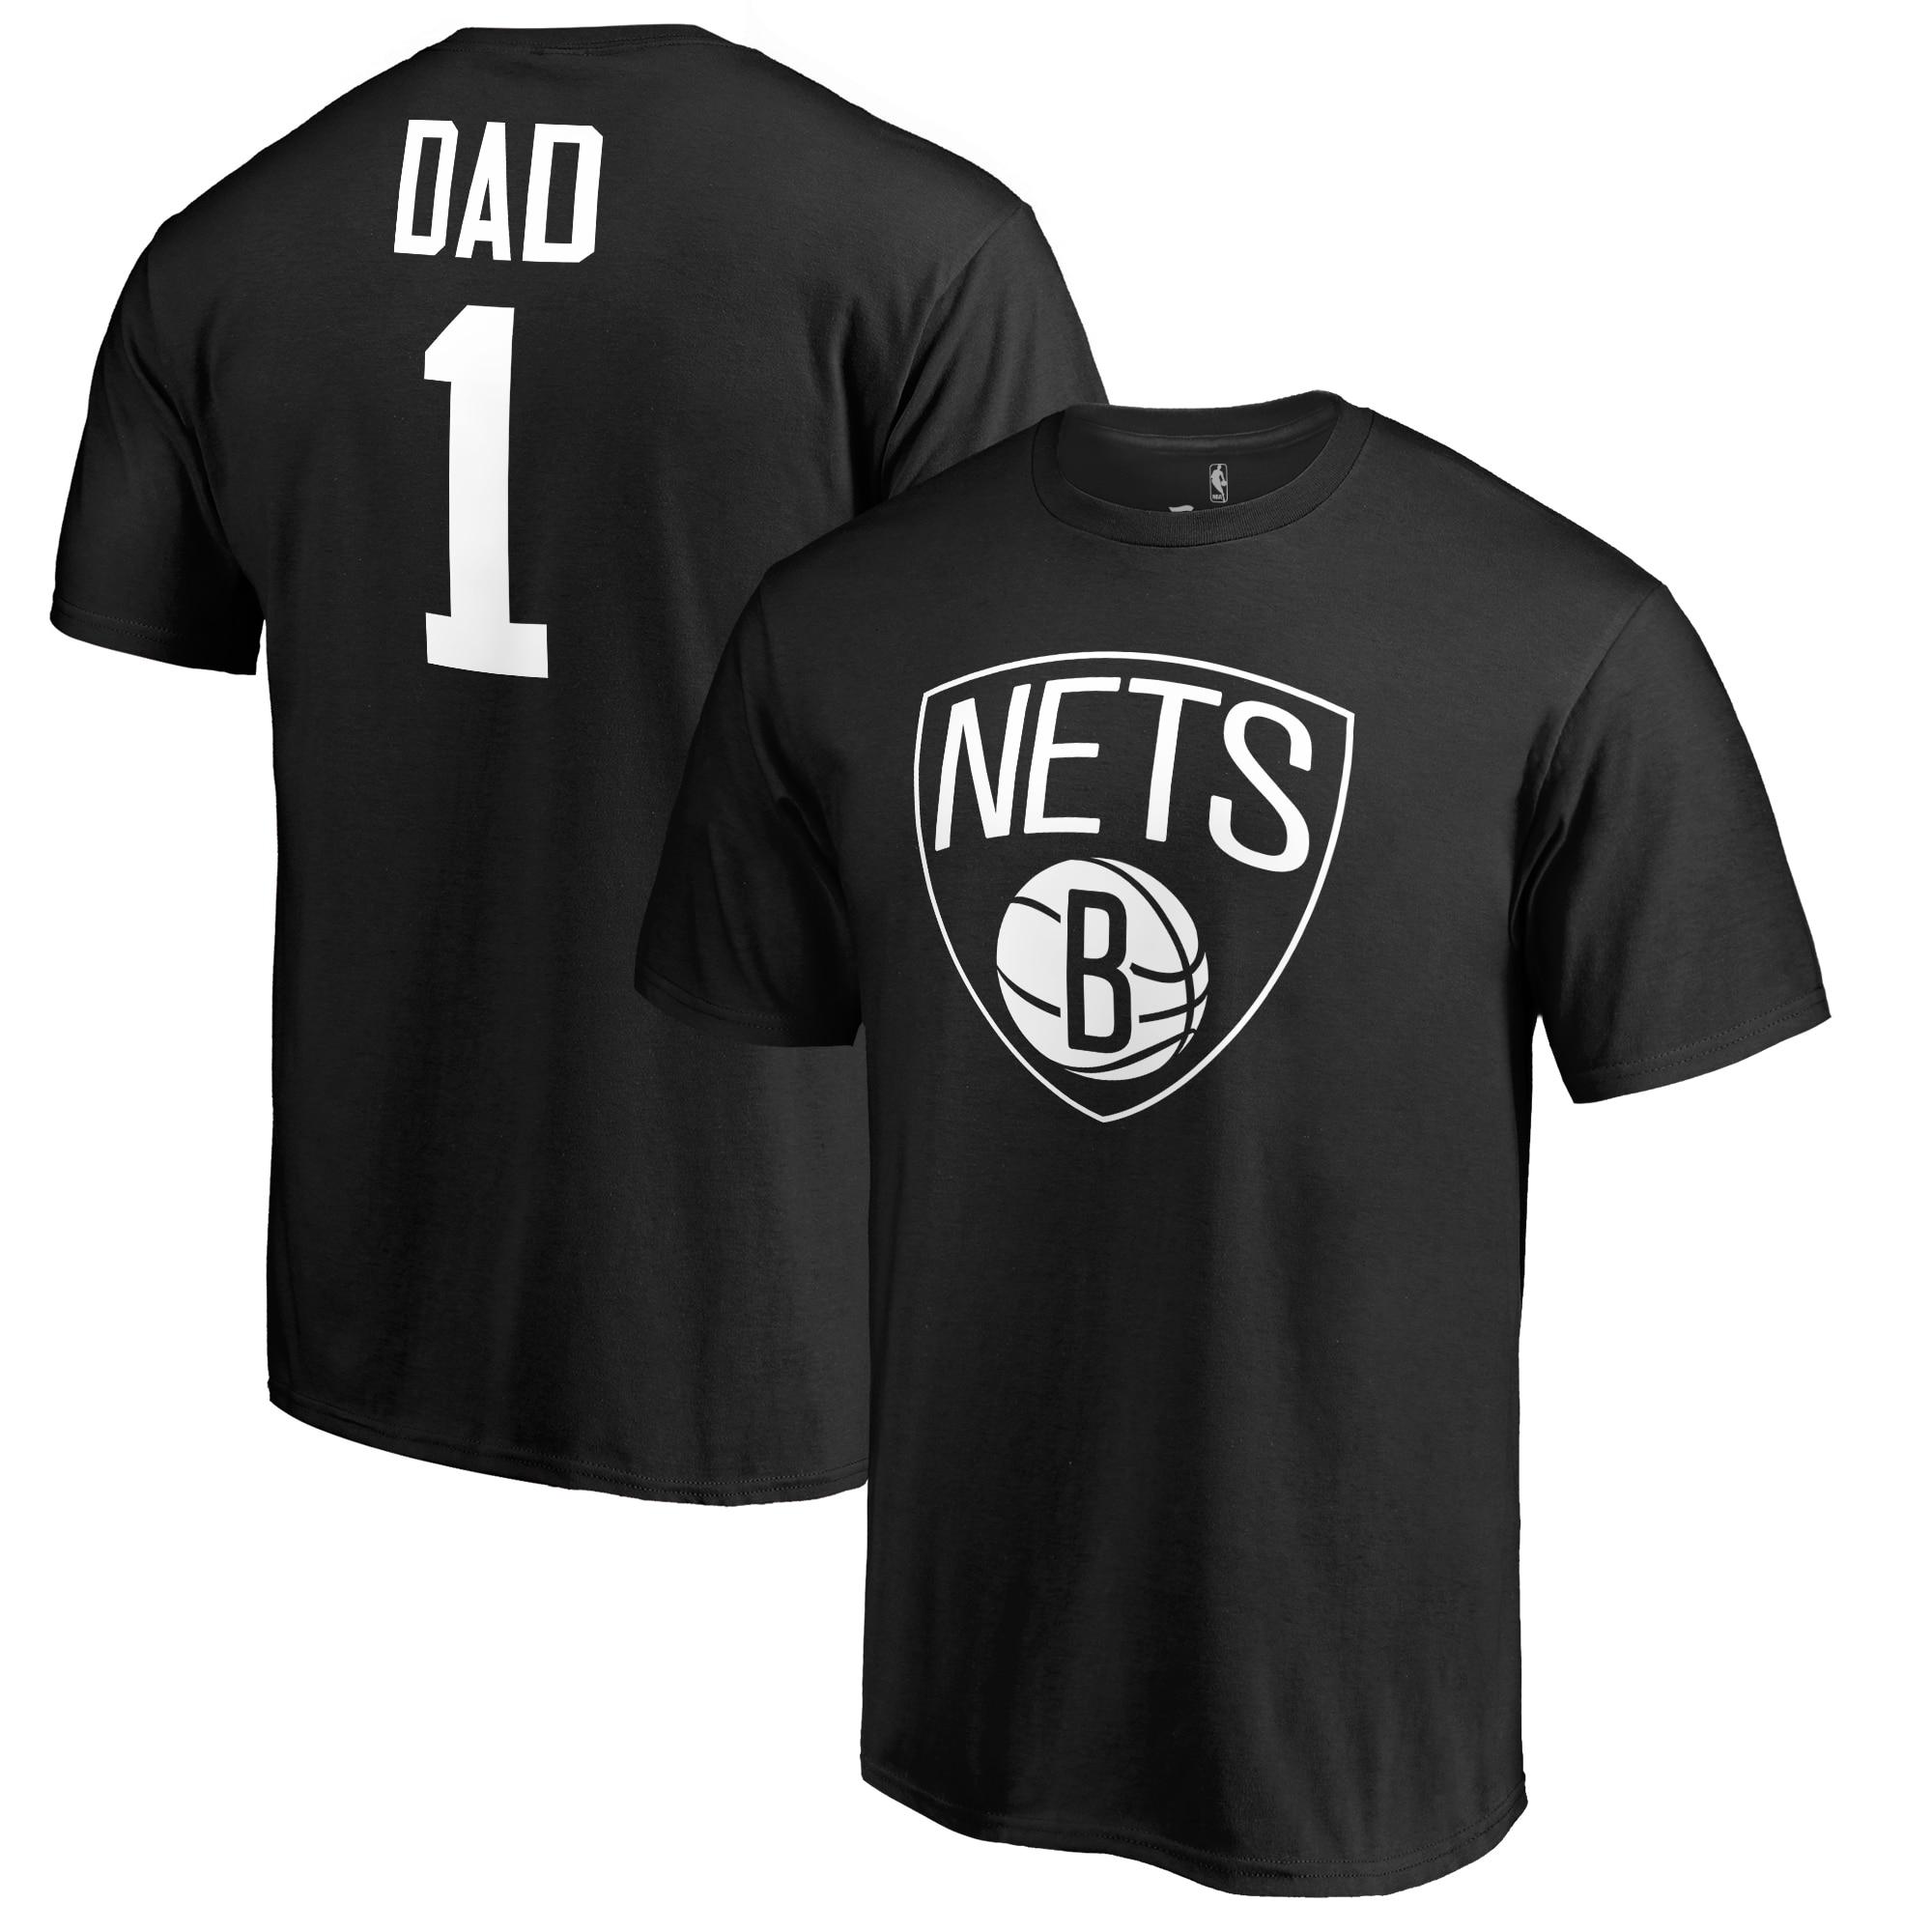 Brooklyn Nets Fanatics Branded Big & Tall #1 Dad T-Shirt - Black